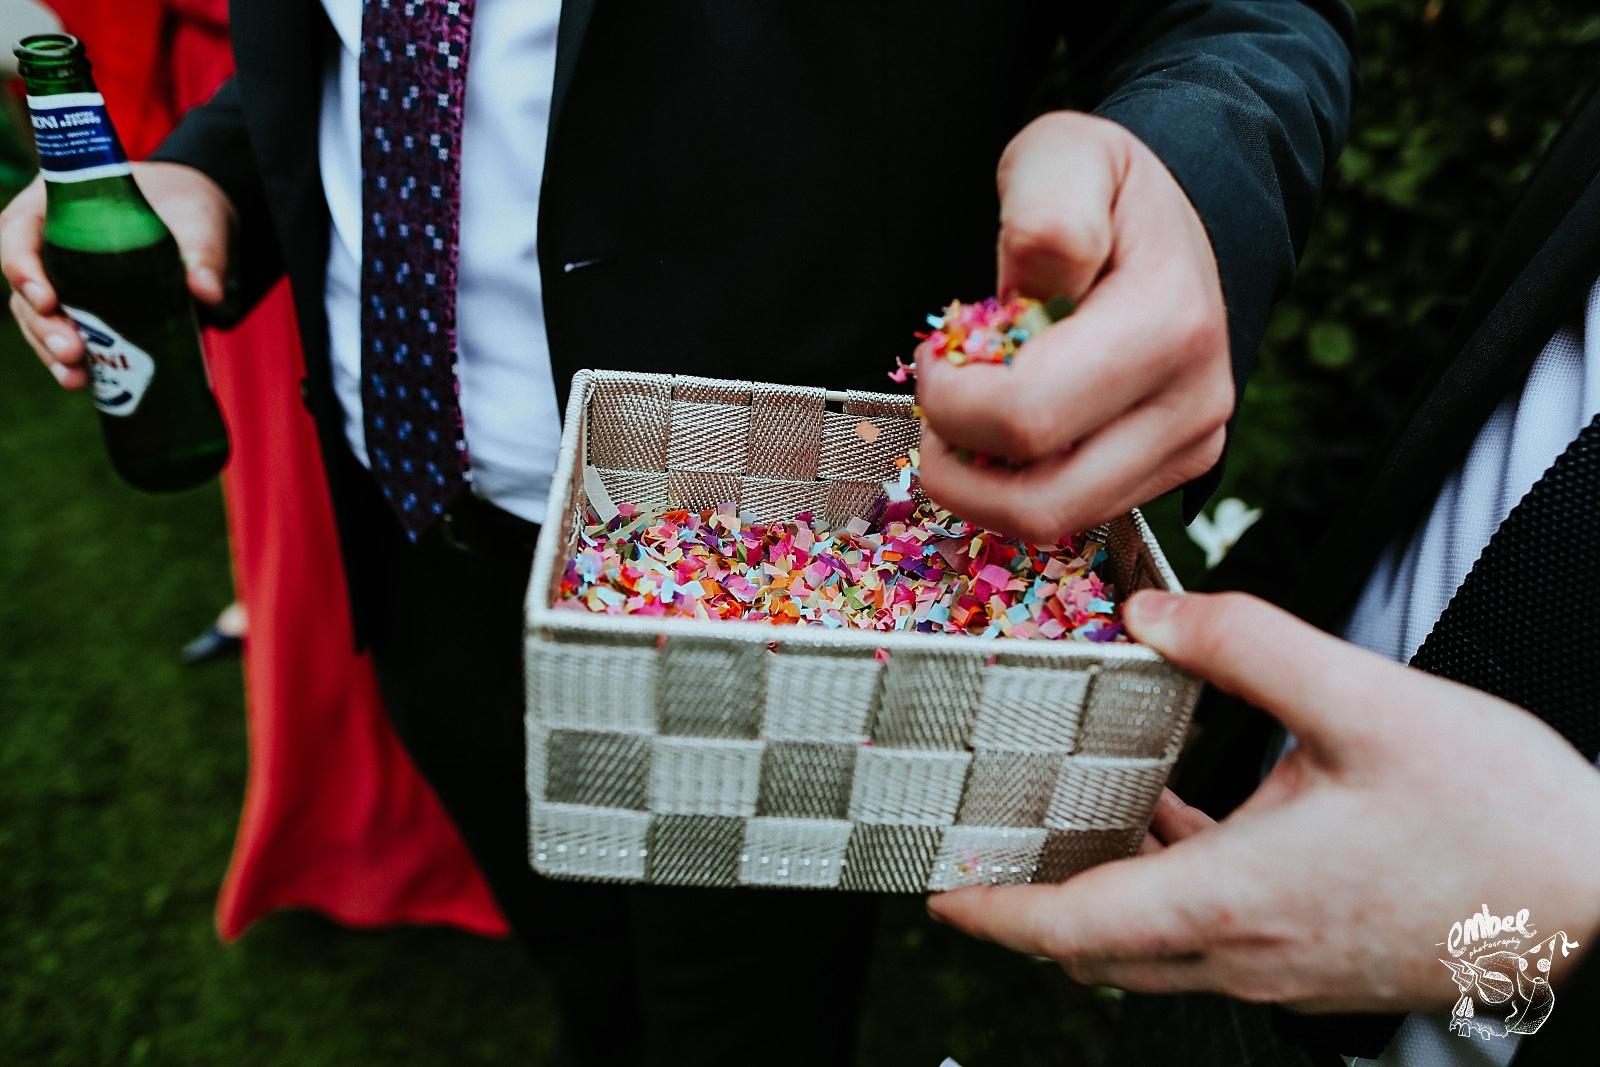 grabbing a handful of colourful confetti